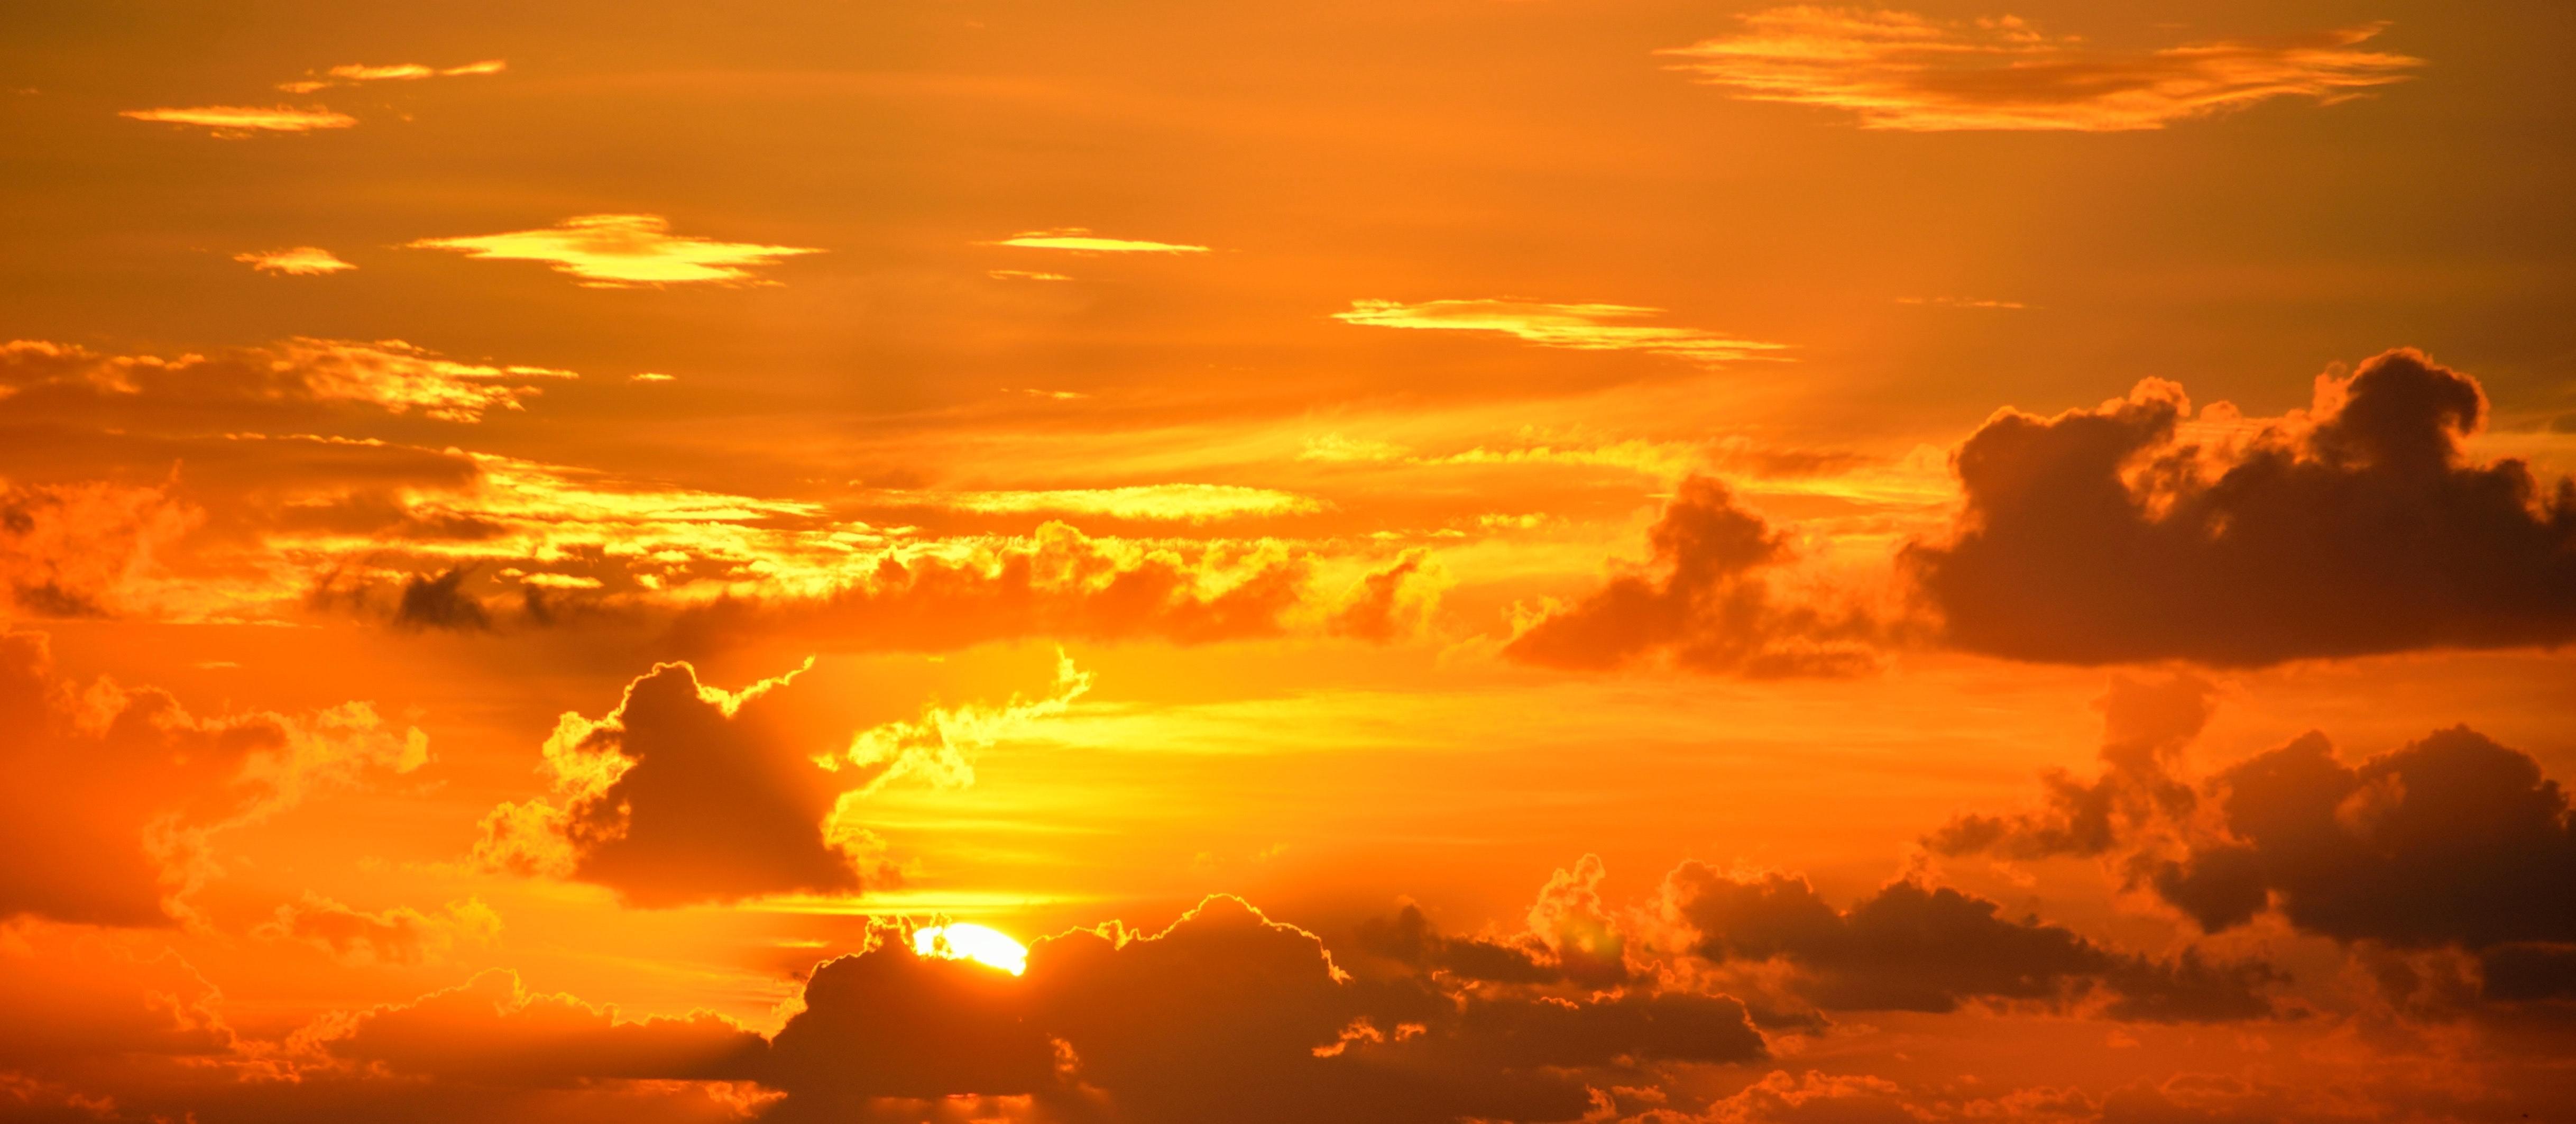 backlit-beauty-breathtaking-267151.jpg